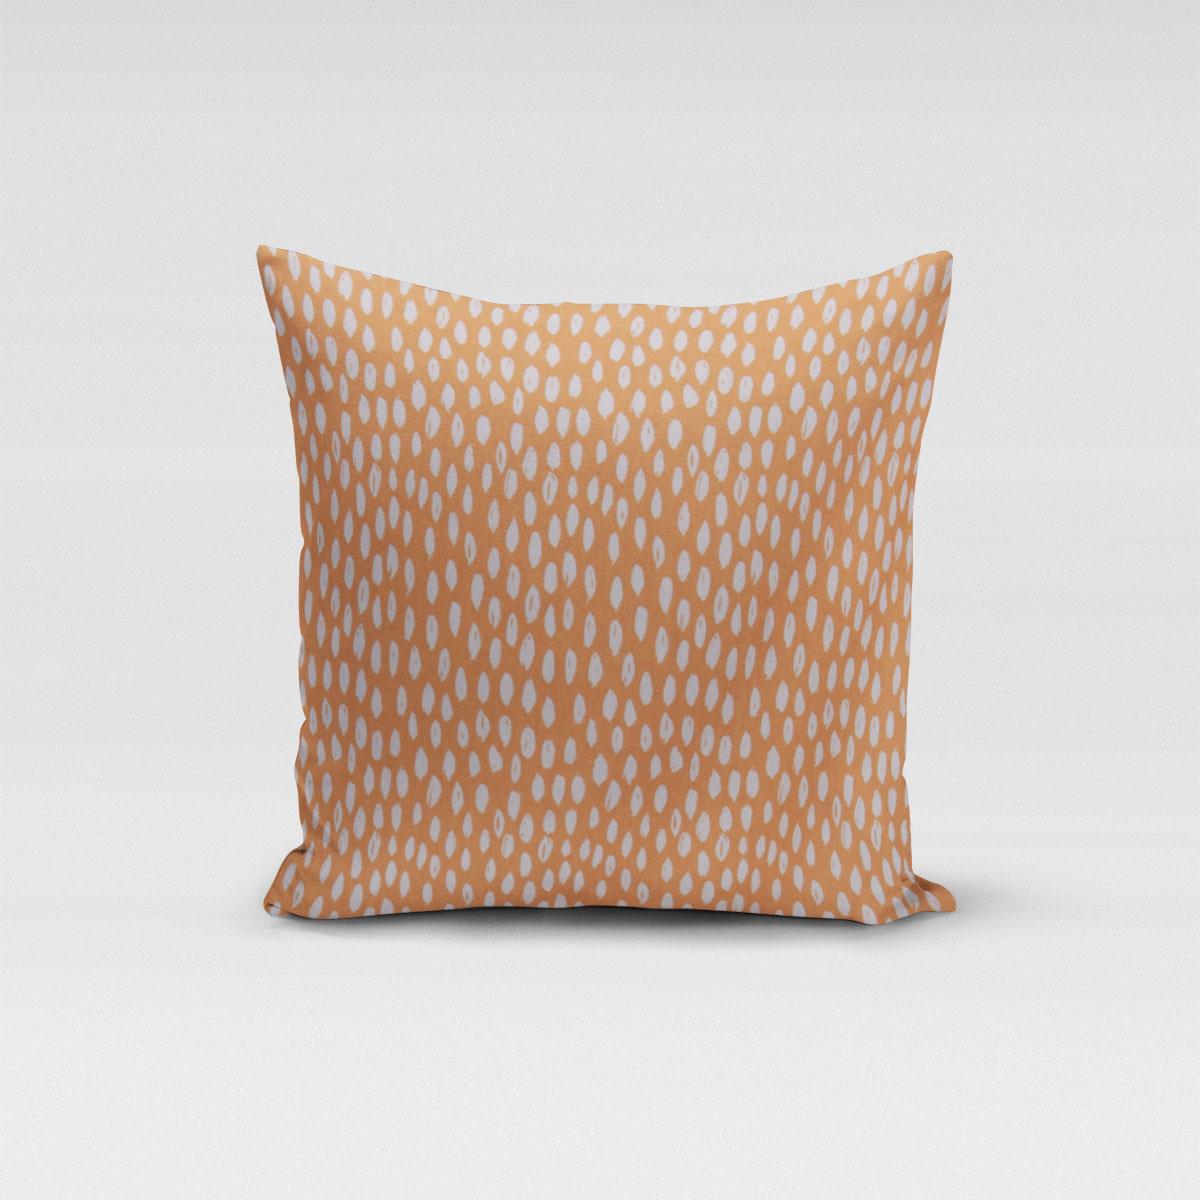 SCHÖNER LEBEN. Kissenhülle Bayside Tupfen Pinselstriche orange weiß verschiedene Größen